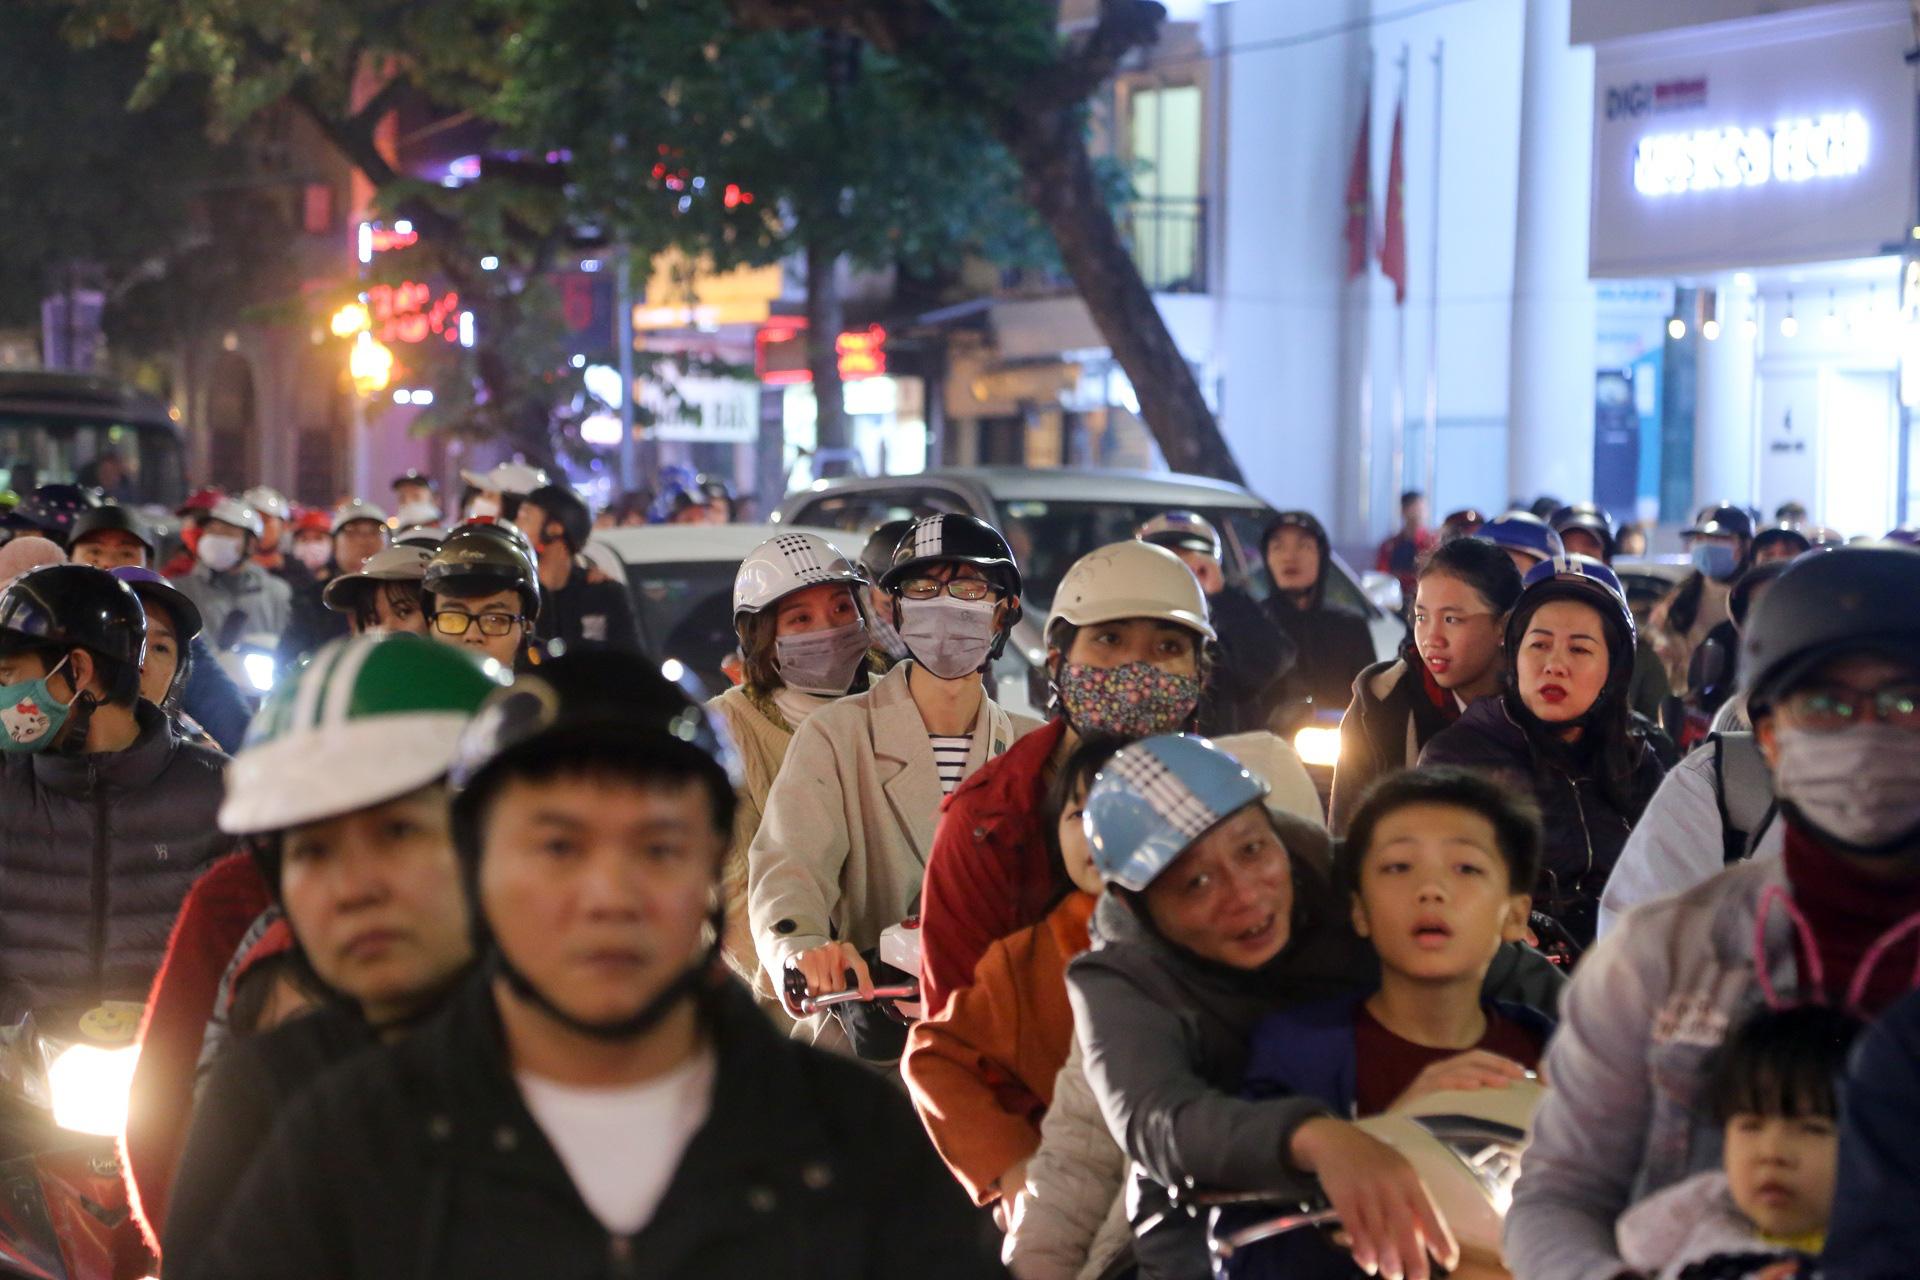 Hà Nội: Người dân đổ ra đường đón Giáng sinh, nhiều tuyến đường'tắc không lối thoát' - Ảnh 13.